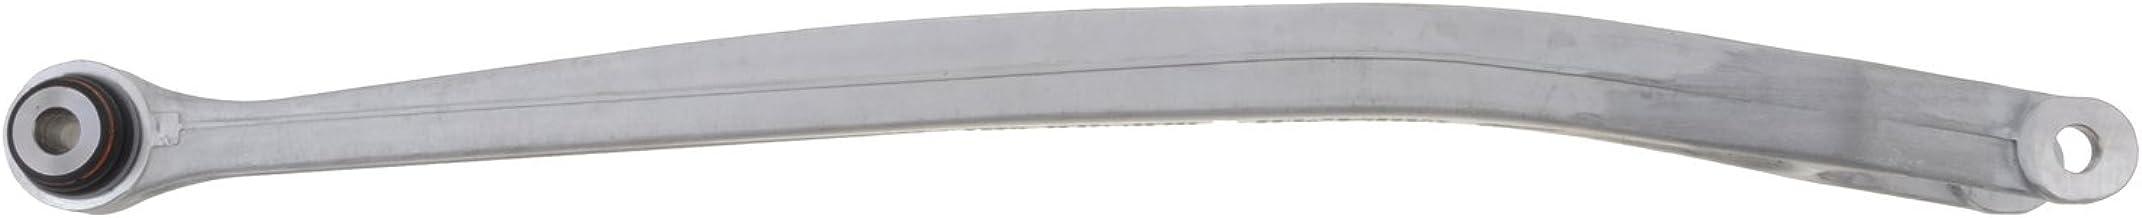 TRW JTC1186 Premium Control Arm